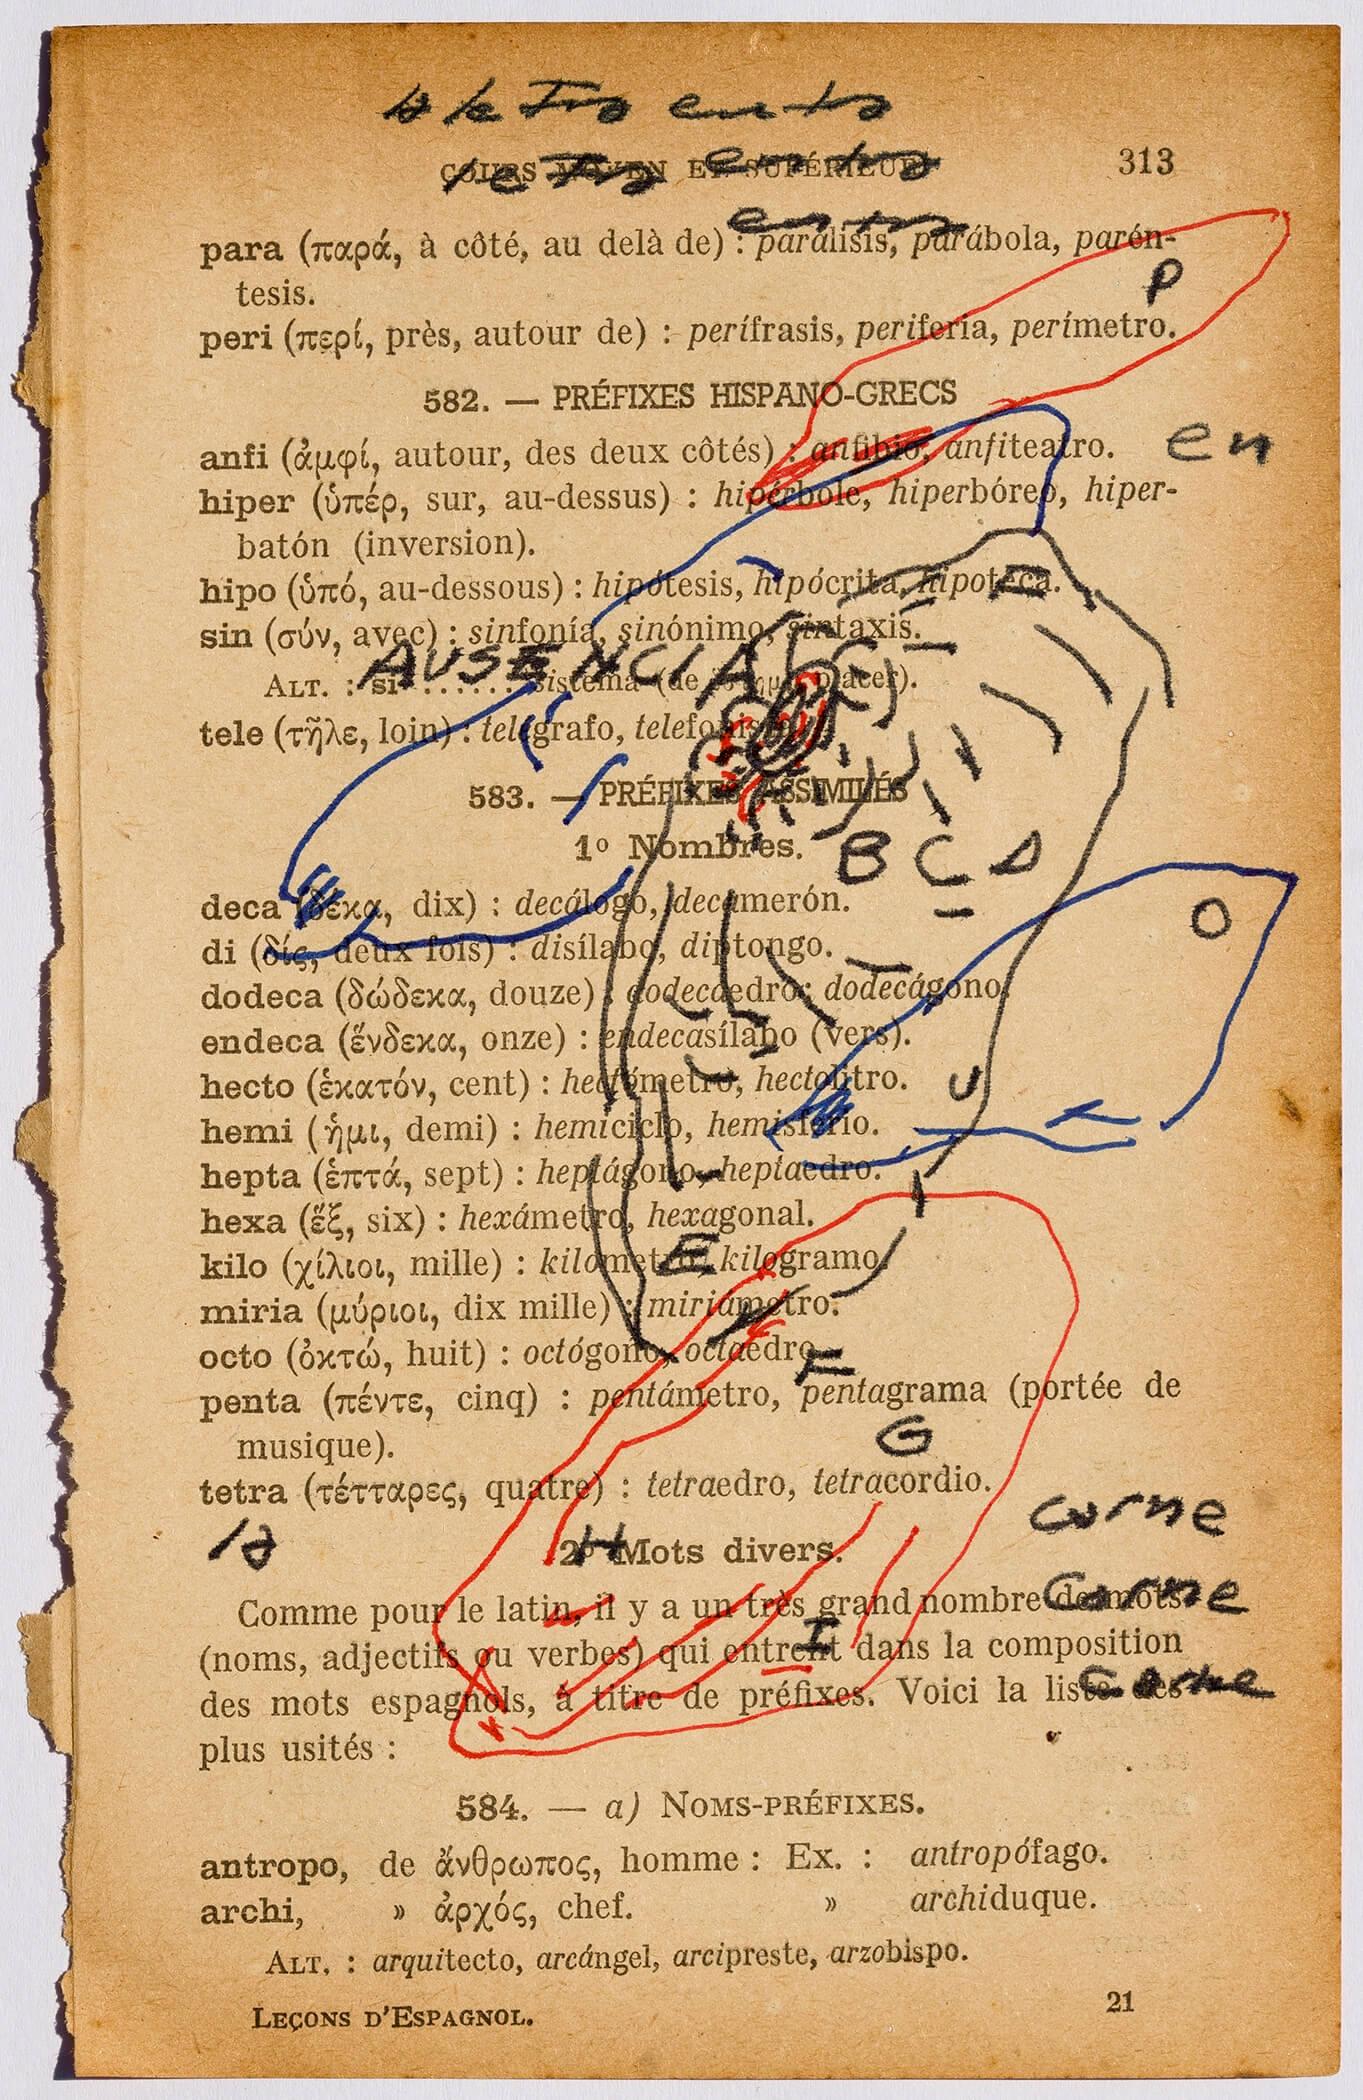 «La letra se hace carne II, leçons d'espagnol», tintas de color sobre hoja de libro antiguo de gramática castellana en francés, 12,7 x 18 cm, 2020